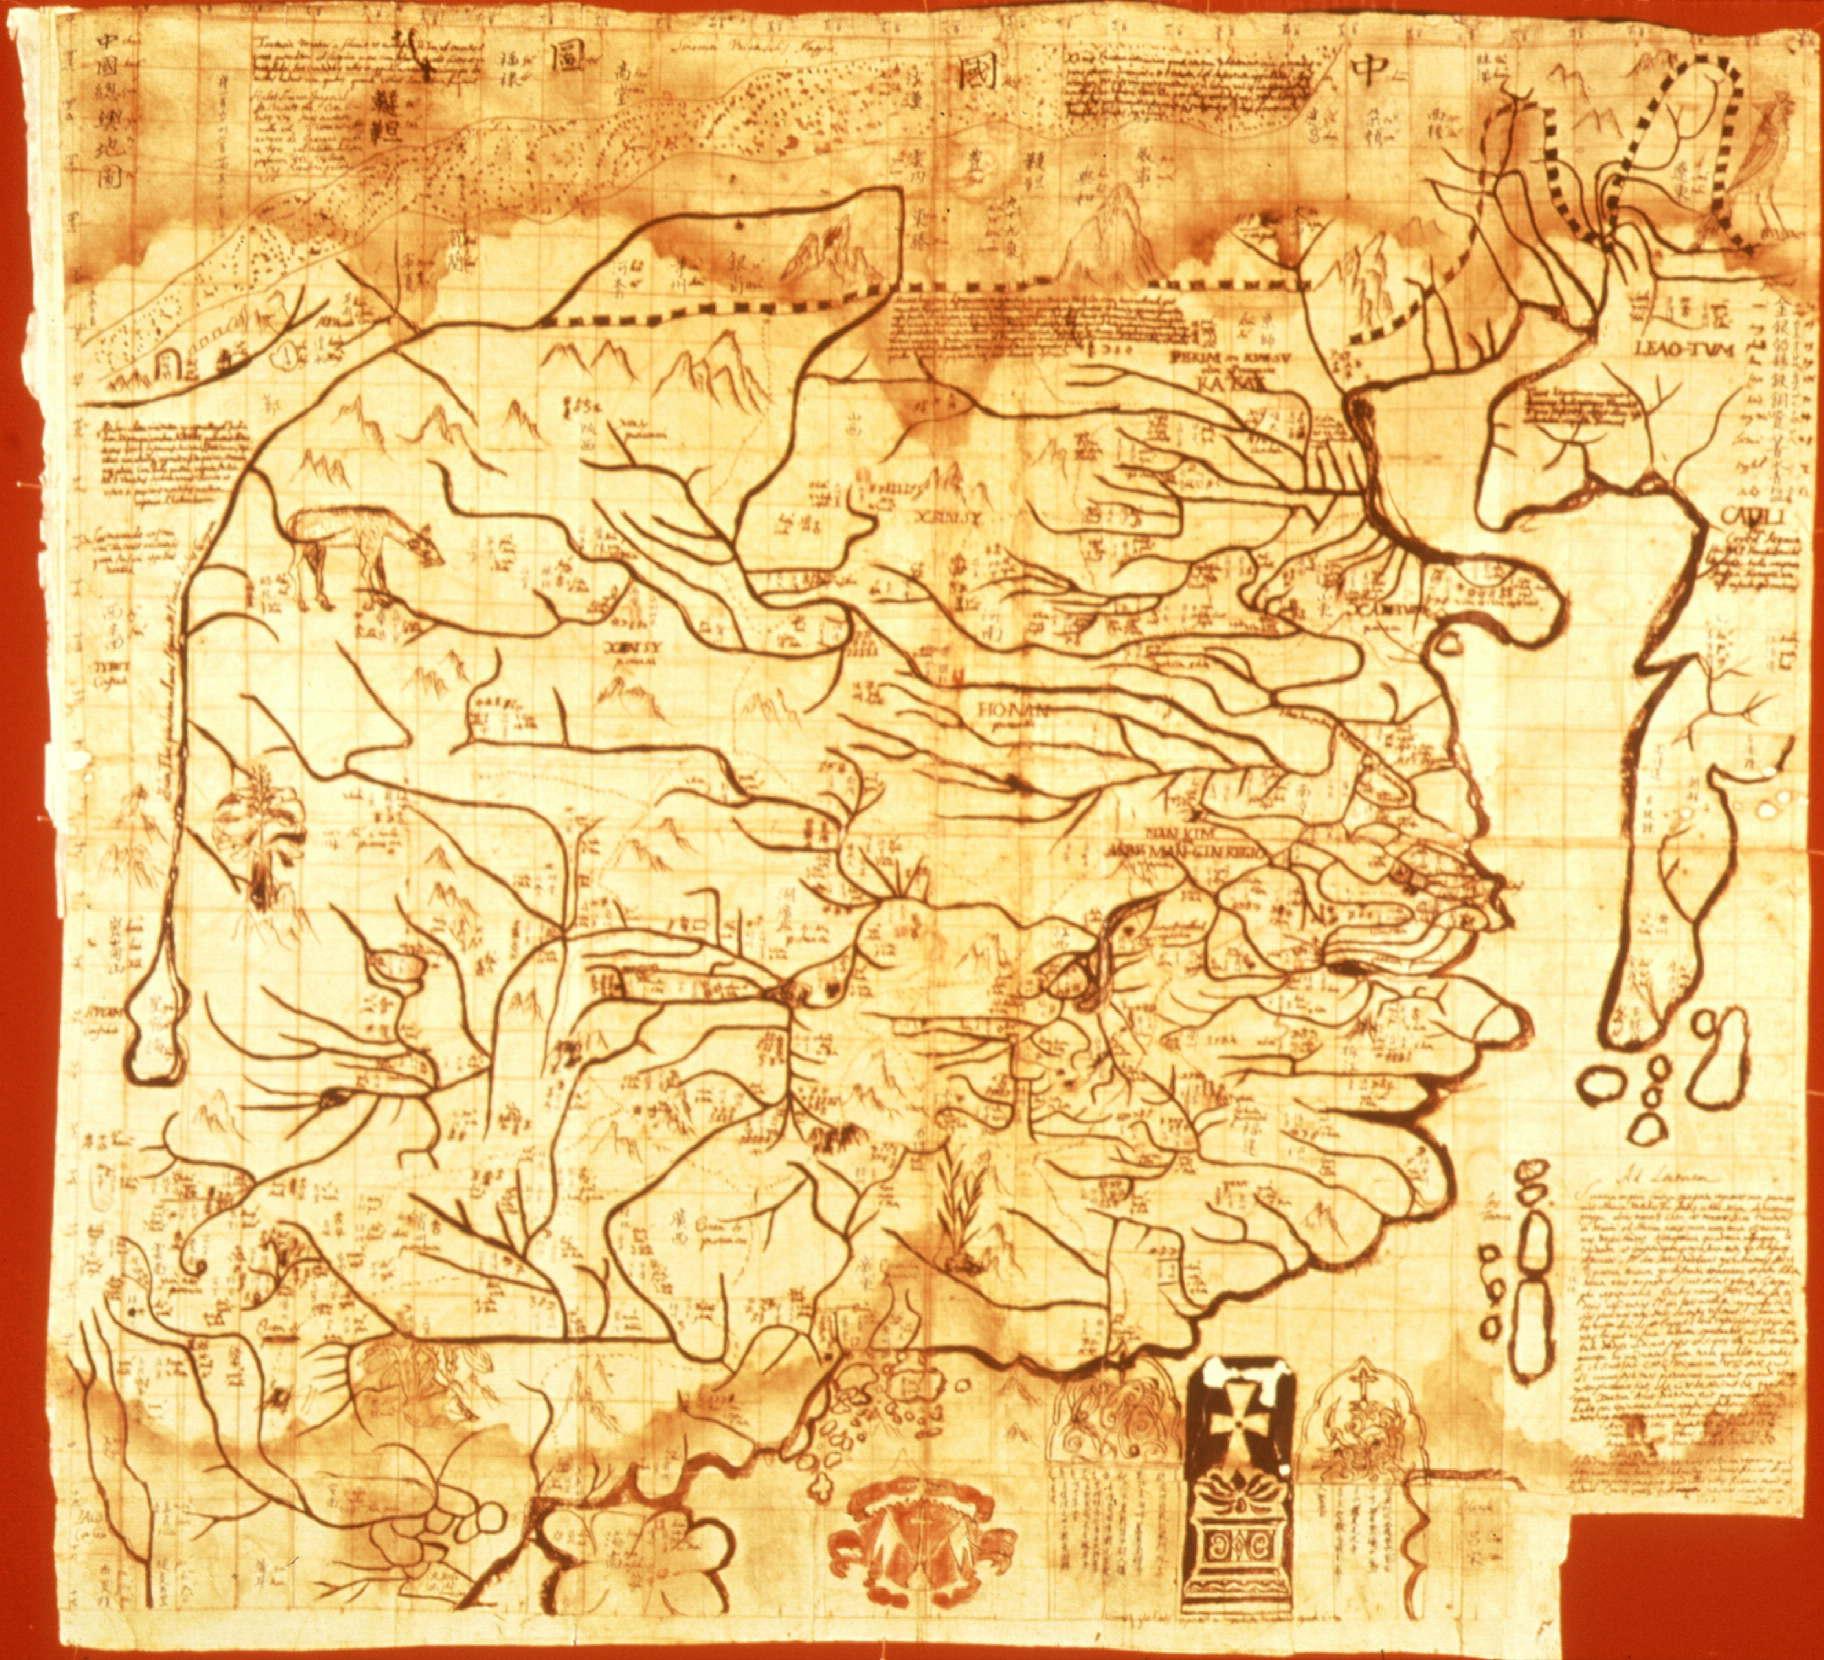 44_mapa chin boyma.jpg